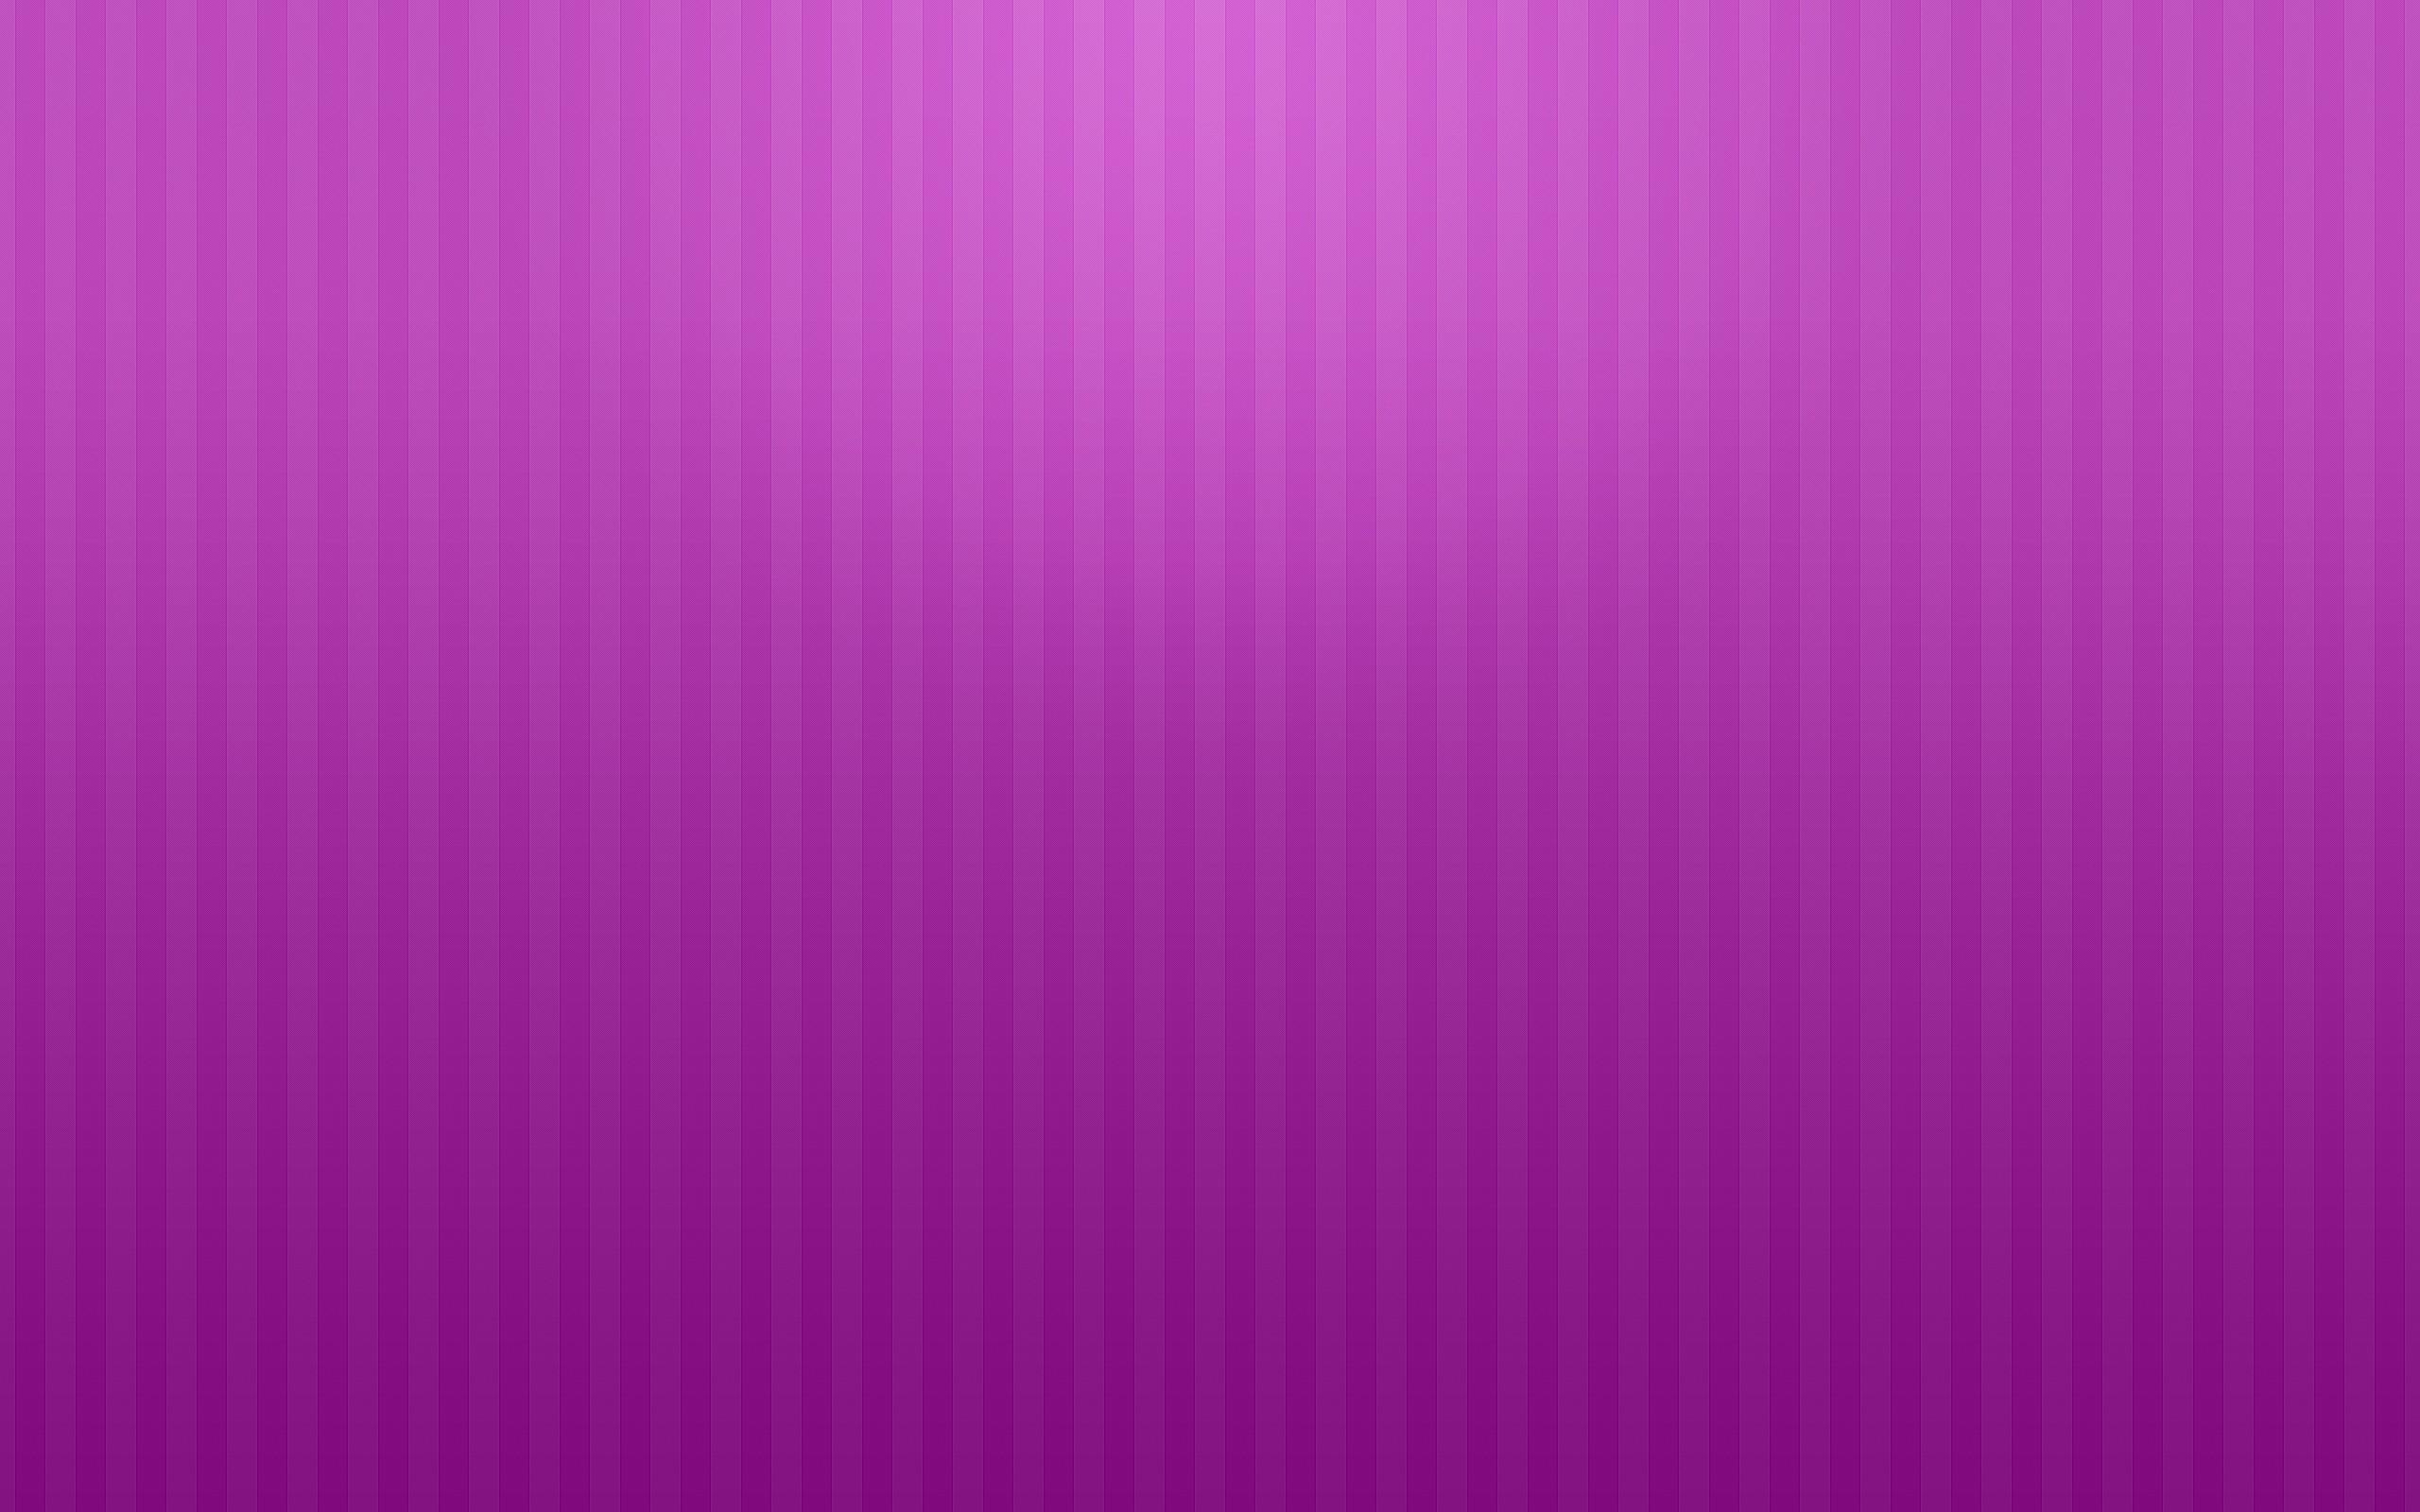 Plain HD Backgrounds 2560x1600